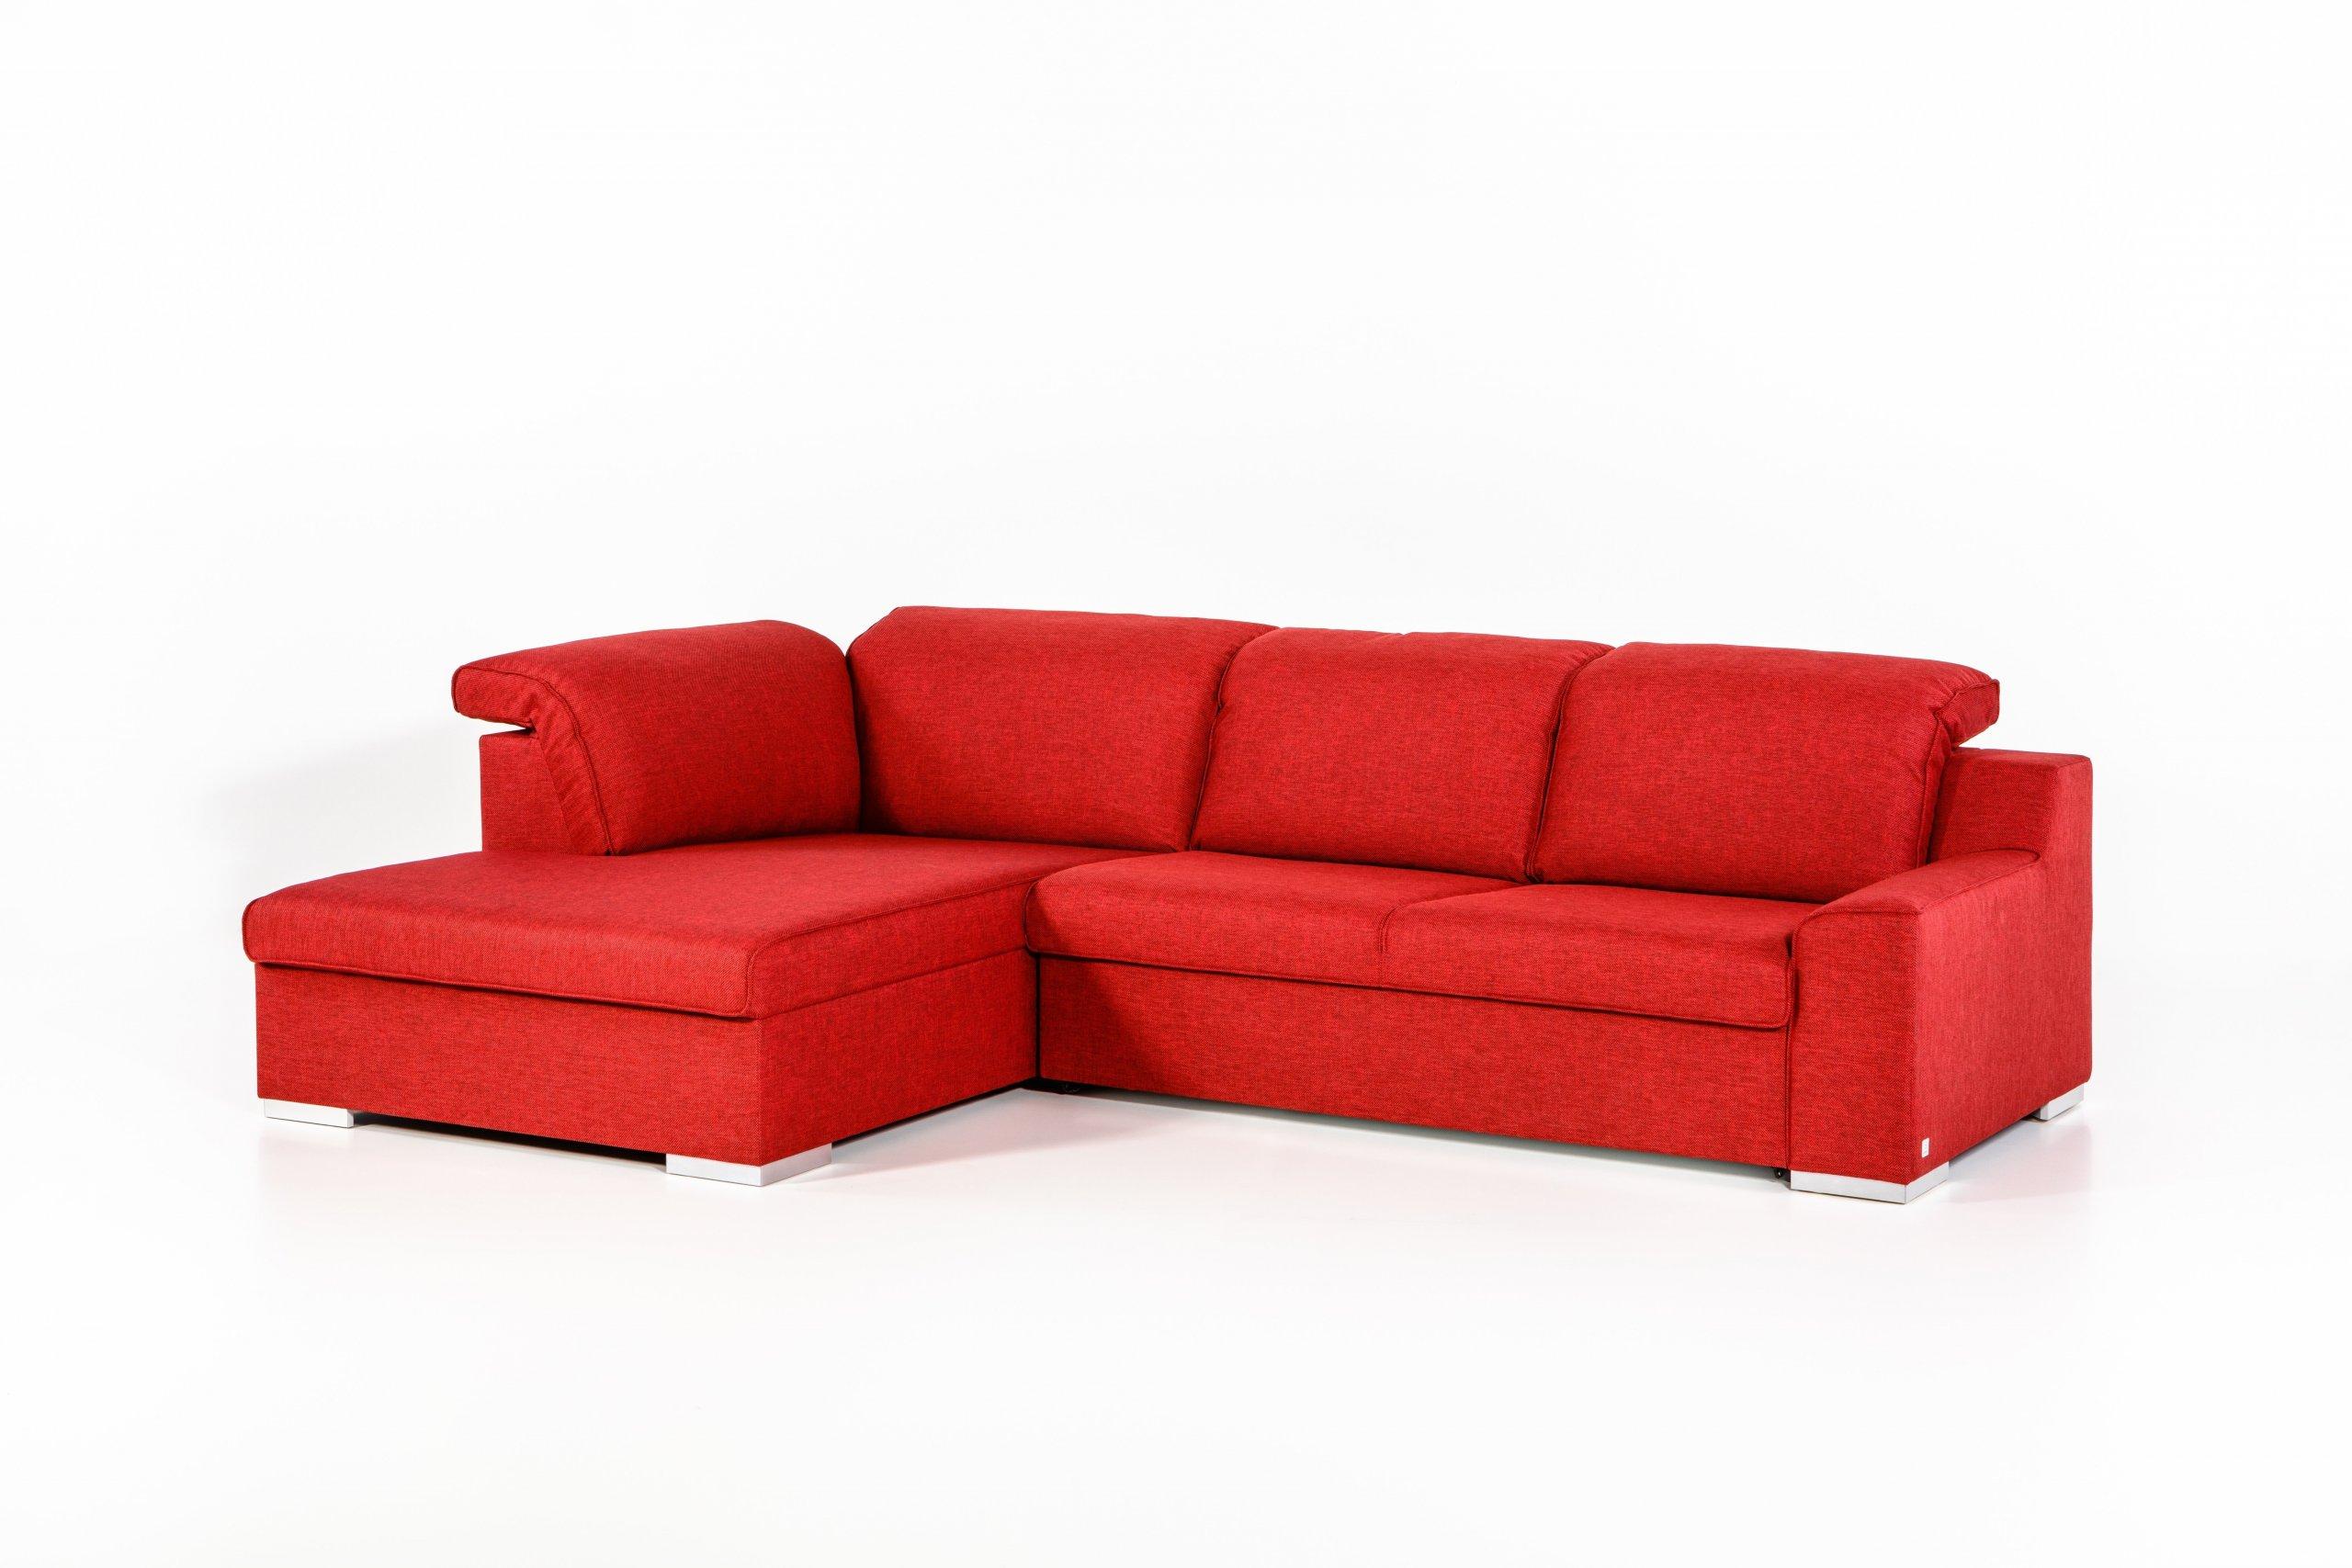 Pro milovníky pohodlí  Variabilní sedací souprava nabízí celou škálu prvků pro komfortní posezení a odpočívání. Variabilitu pohovky ÓRIÓN podtrhuje výběr z…